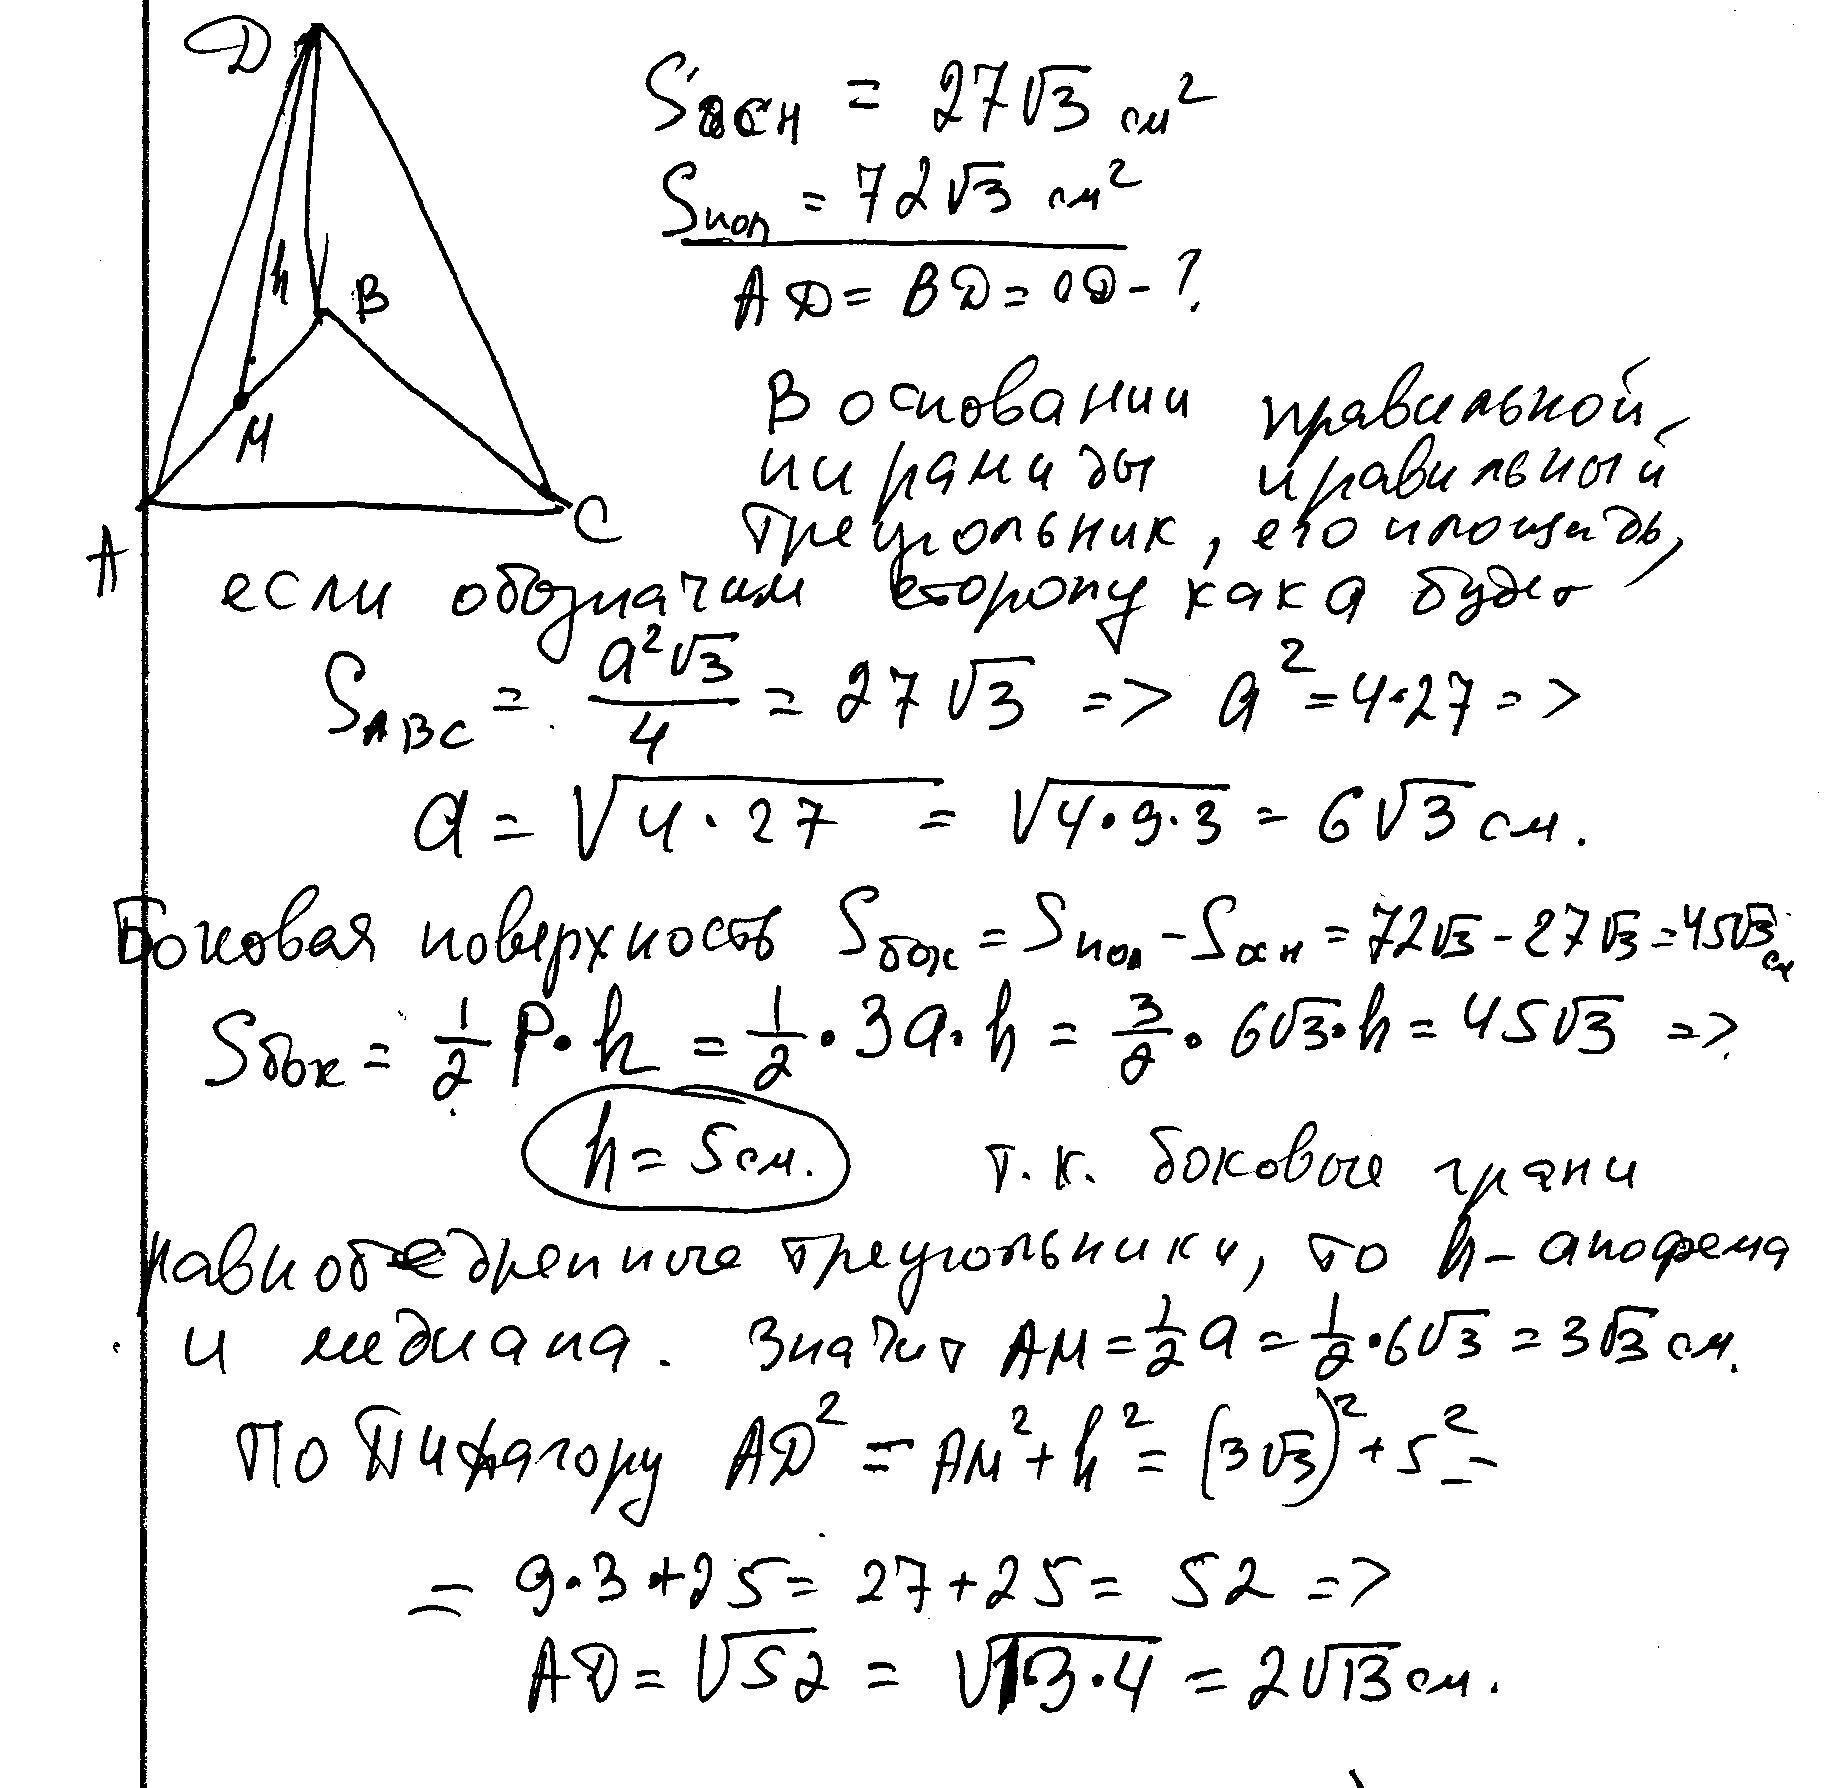 Решение задачи которой боковое ребро треугольной пирамиды методы решения задач линейного программирования шпора